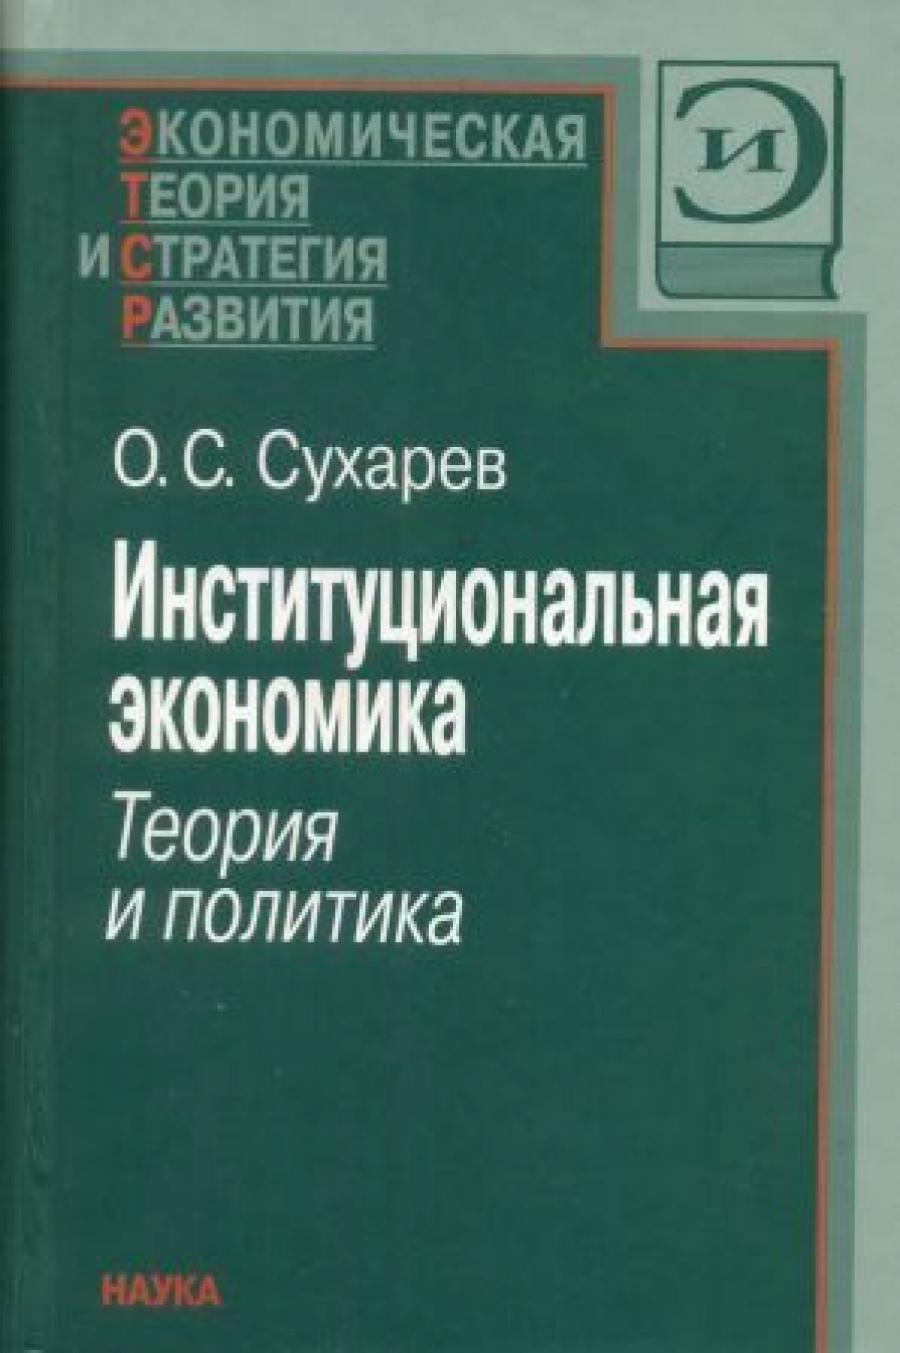 Обложка книги:  сухарев о.с. - институциональная экономика теория и политика